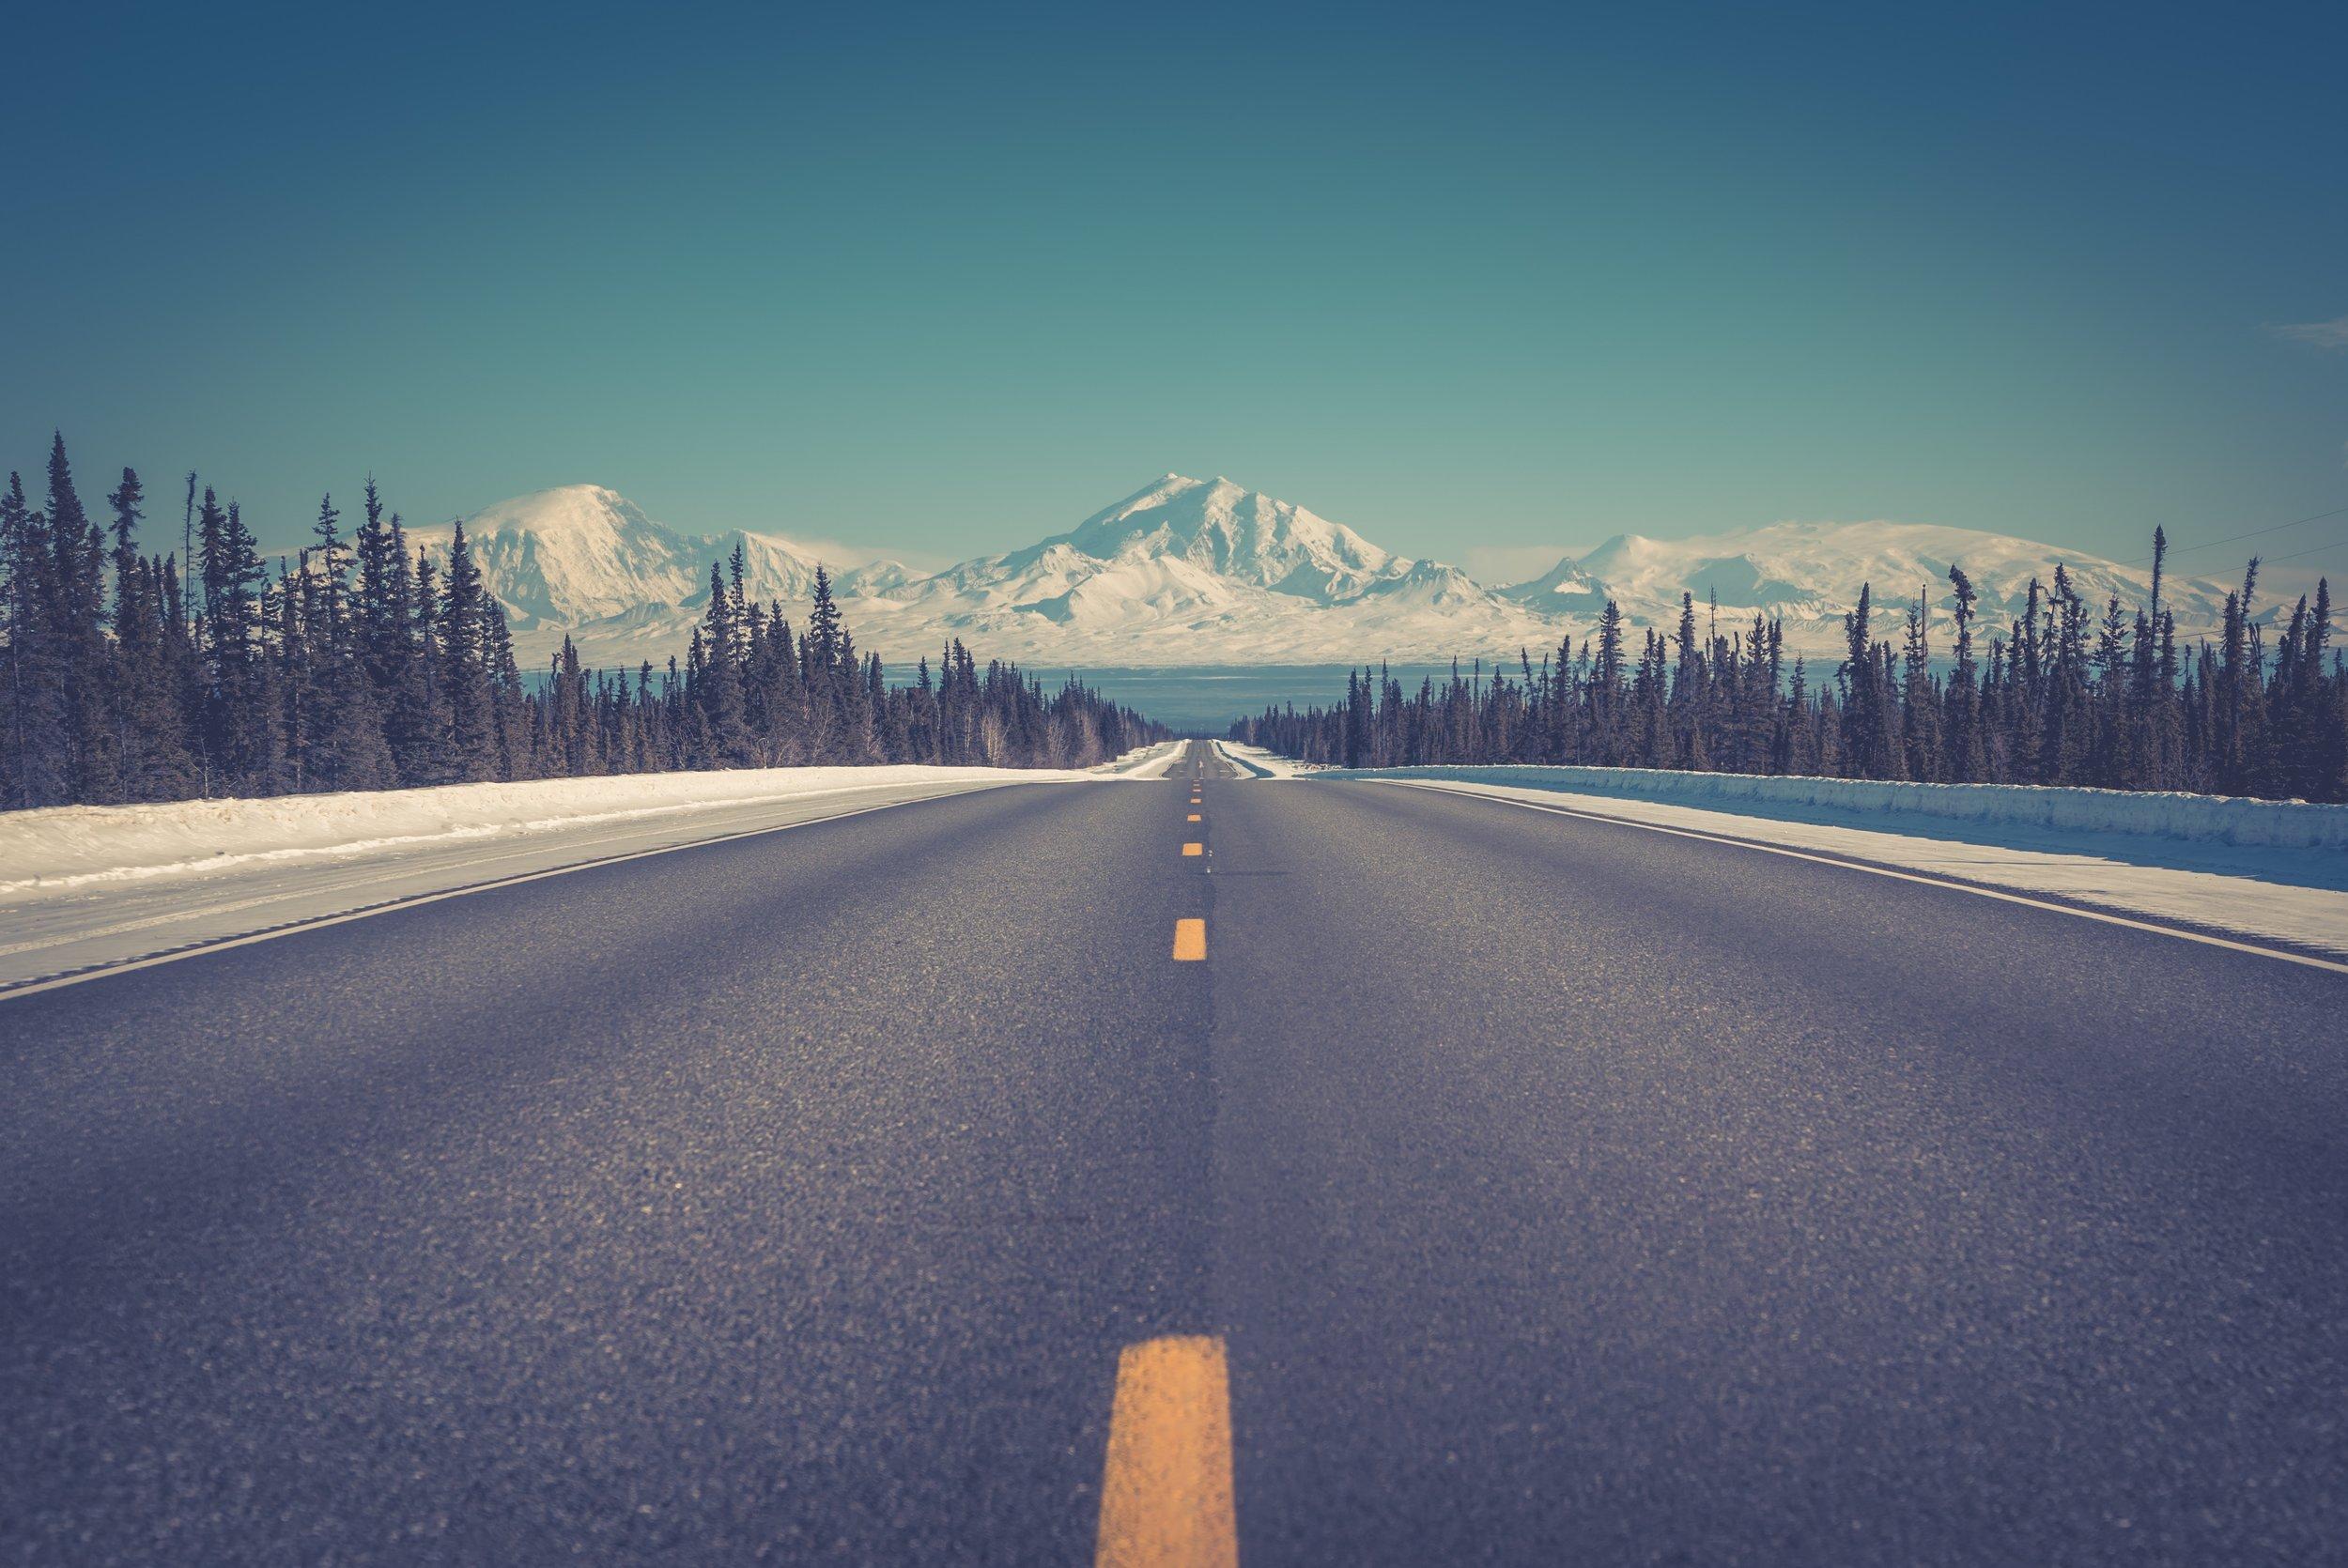 Alaska_DMC.jpg